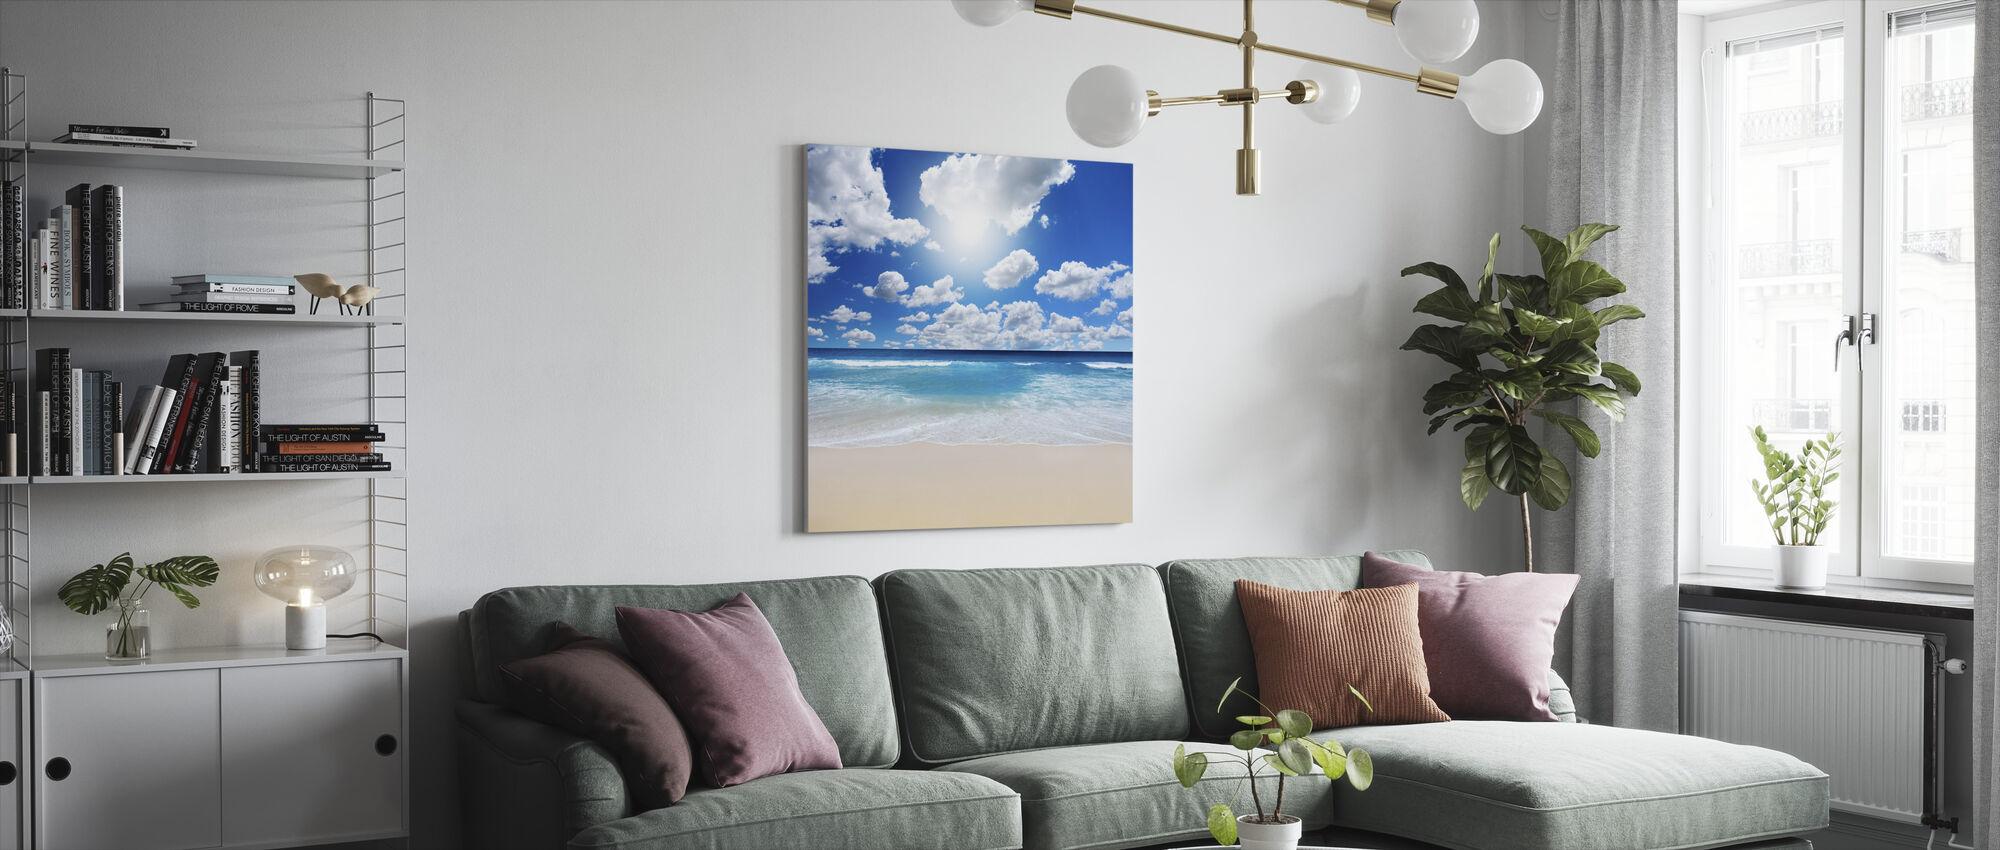 Kesäisin rannalla - Canvastaulu - Olohuone